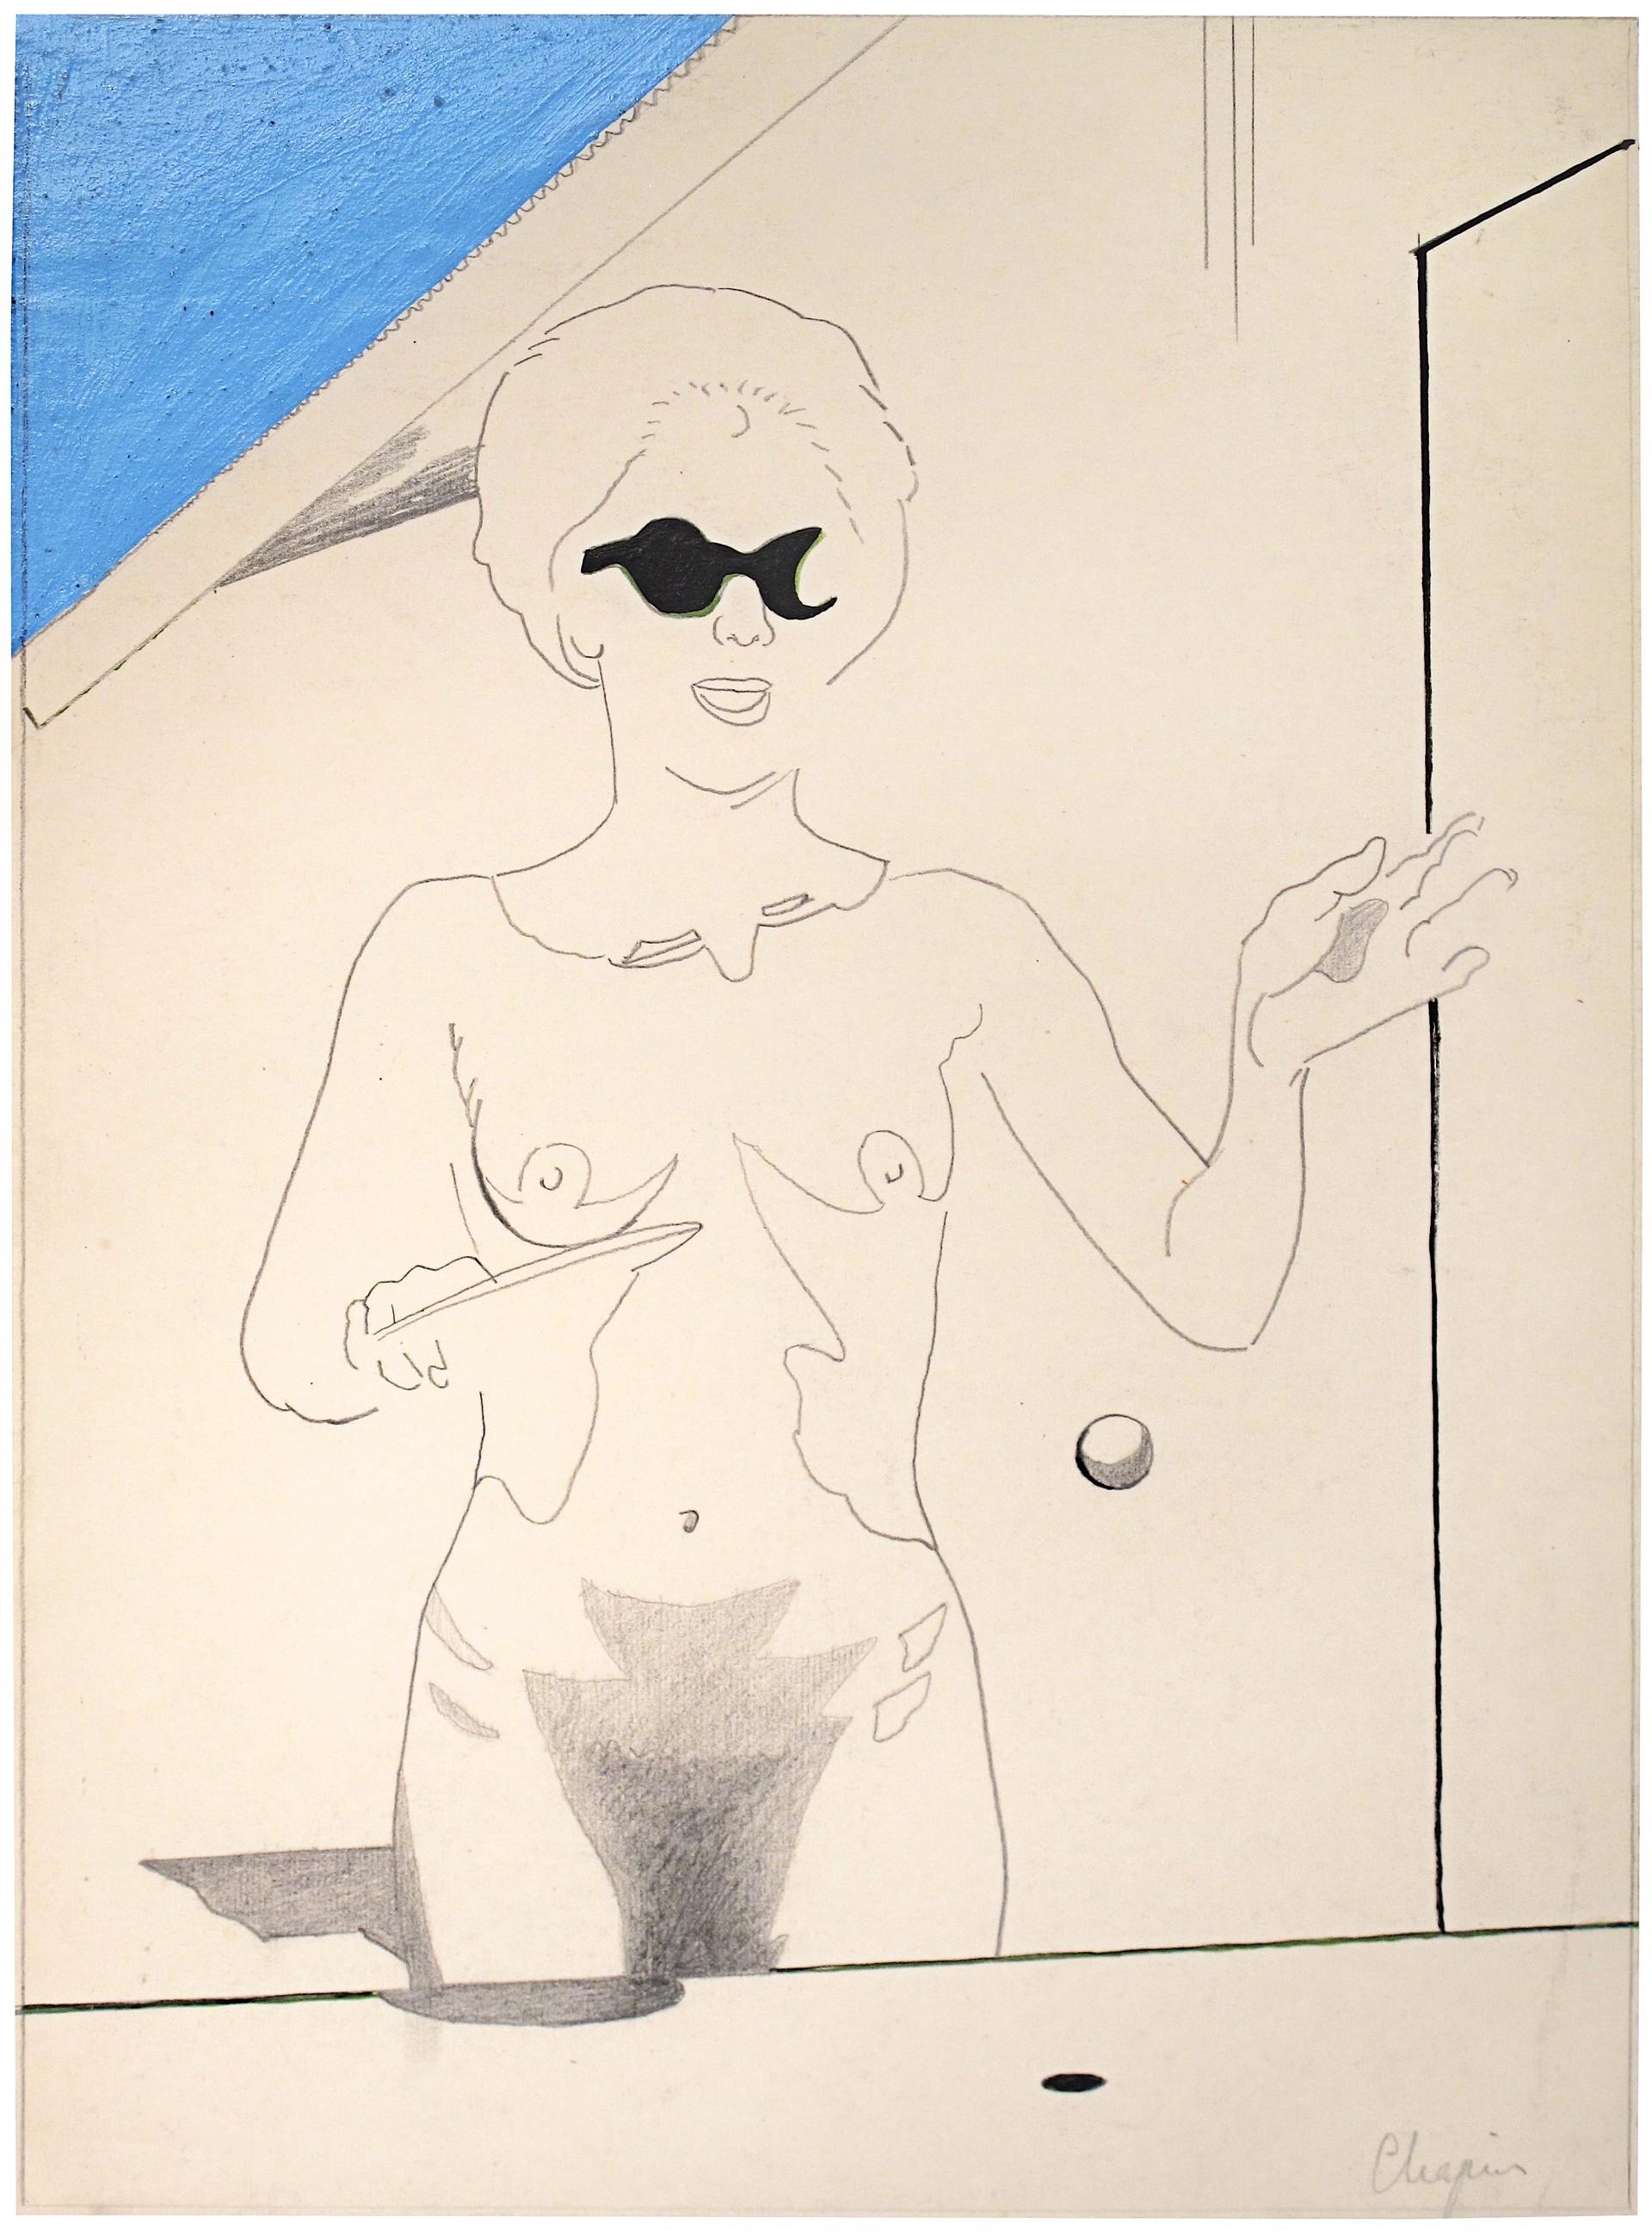 Naked Ping Pong by David Chapin